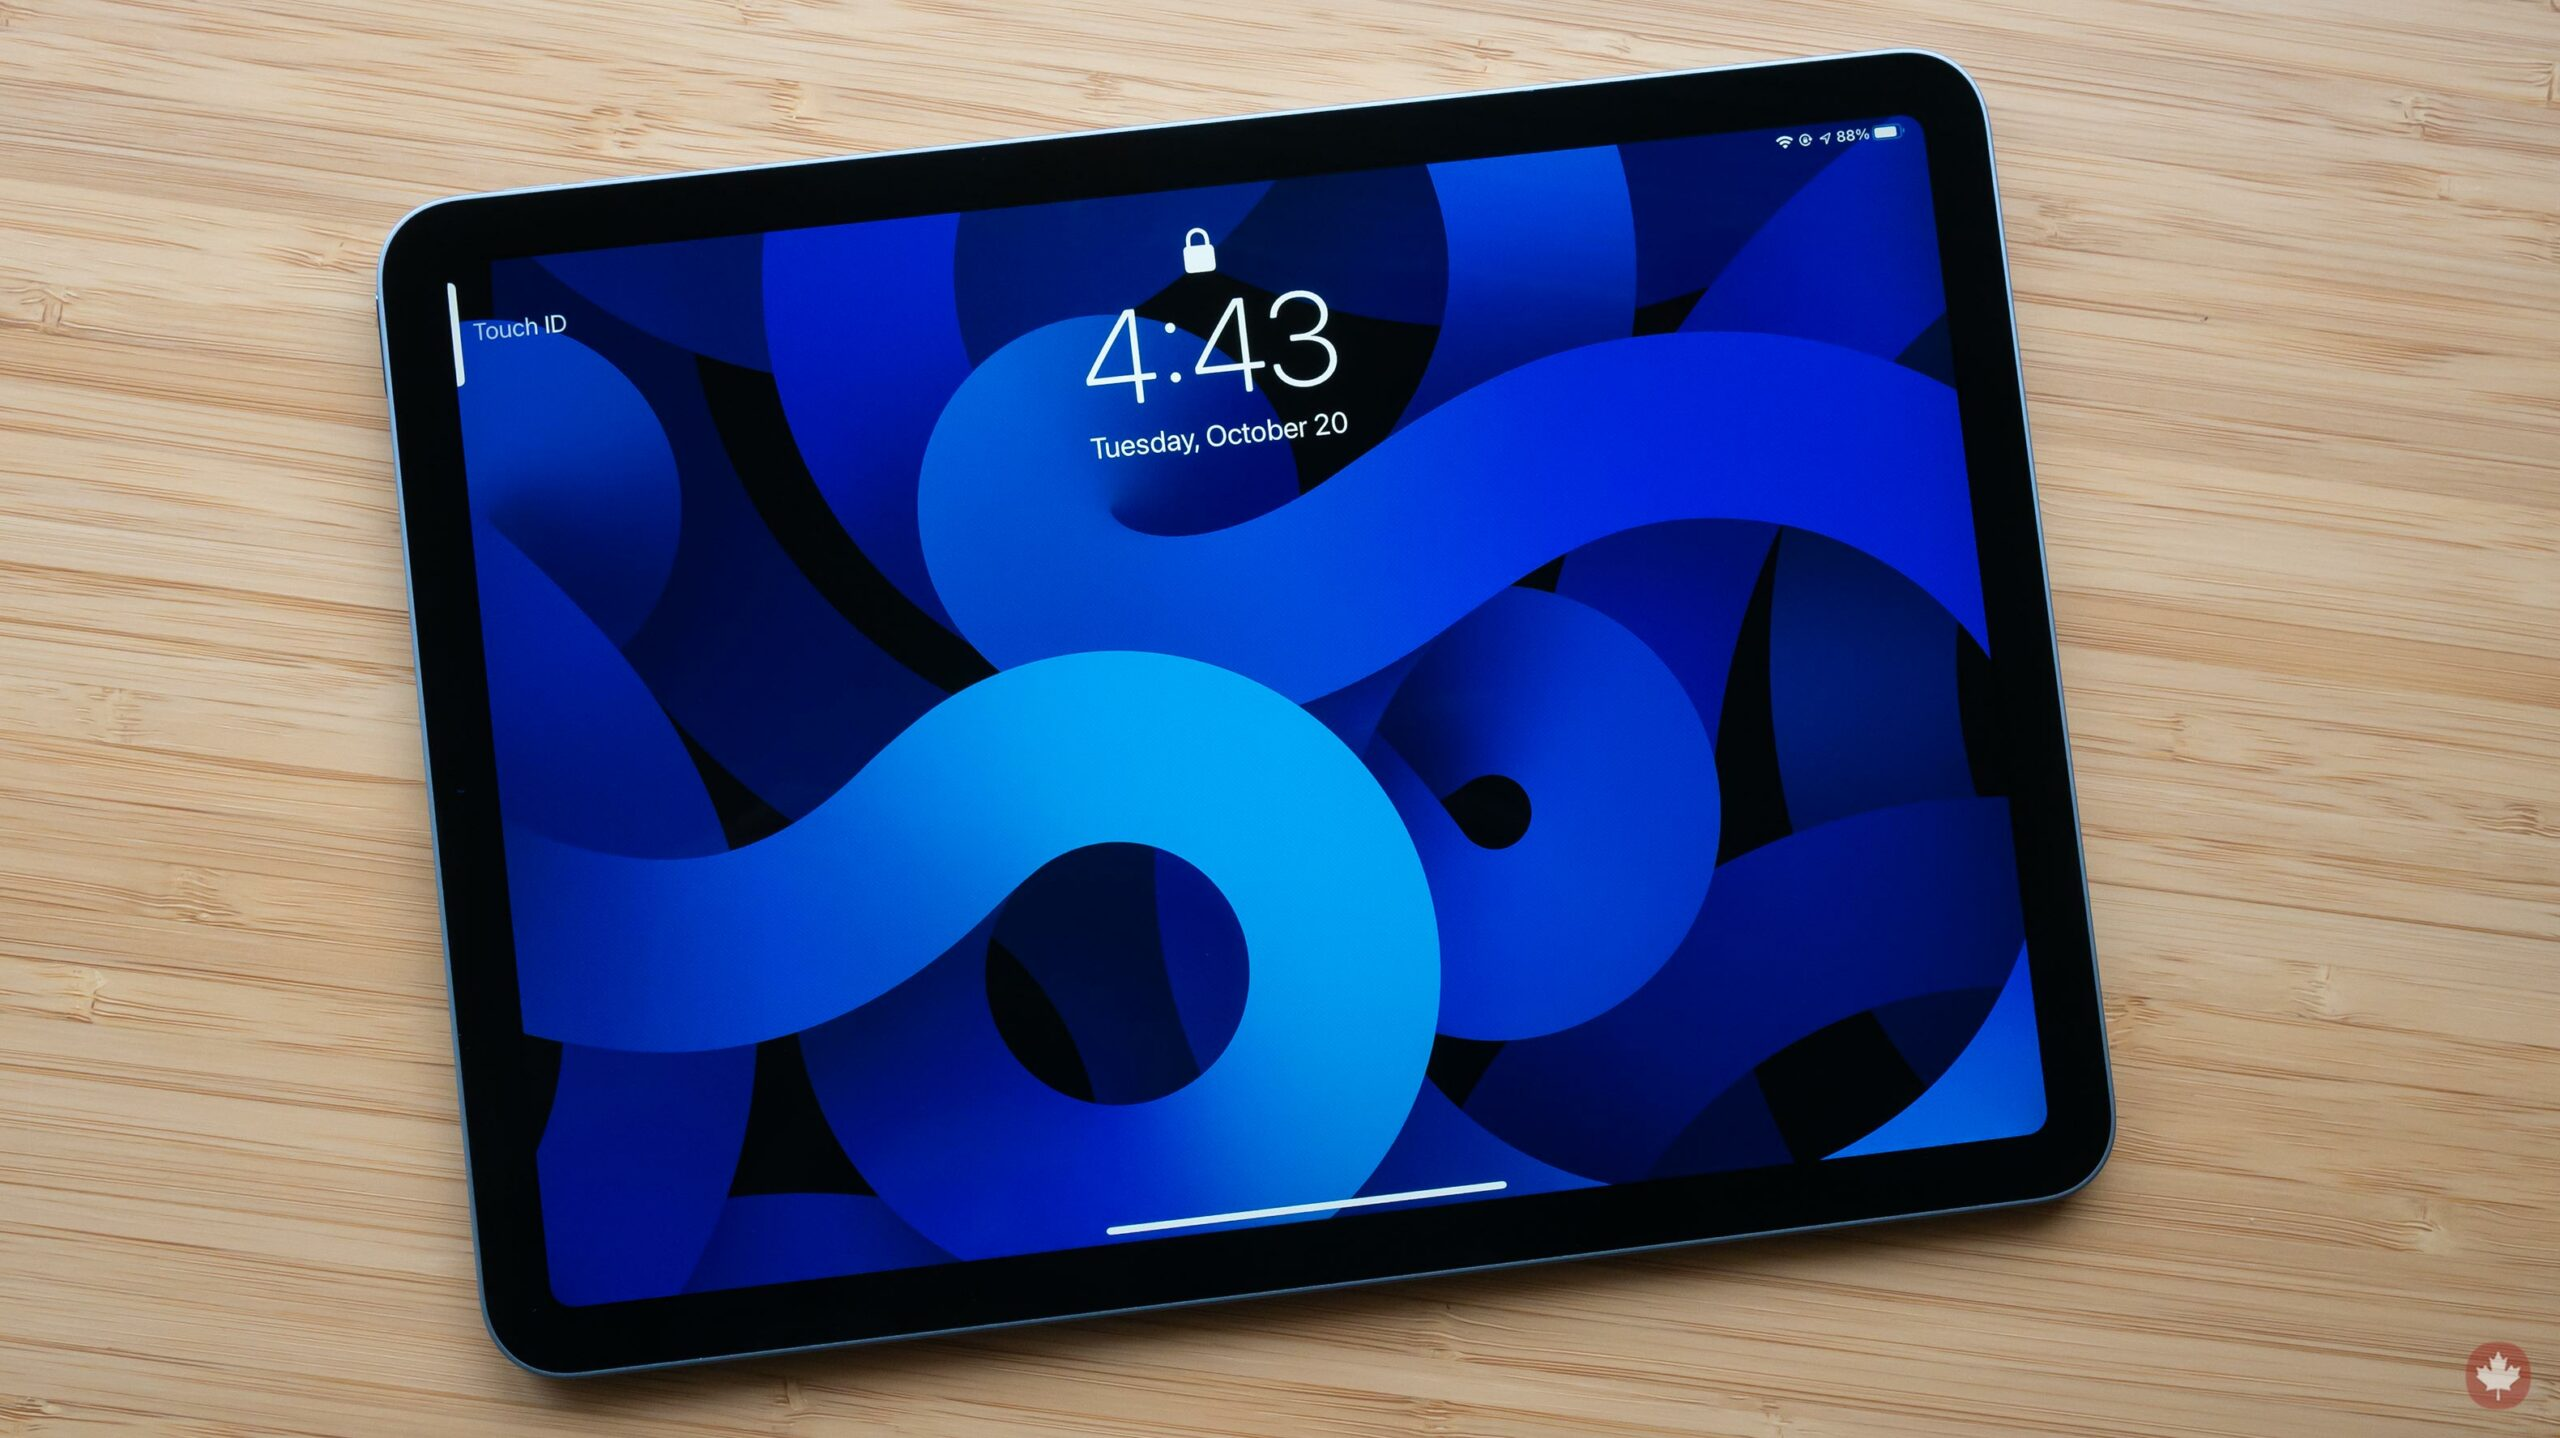 iPad Air (2020) screen